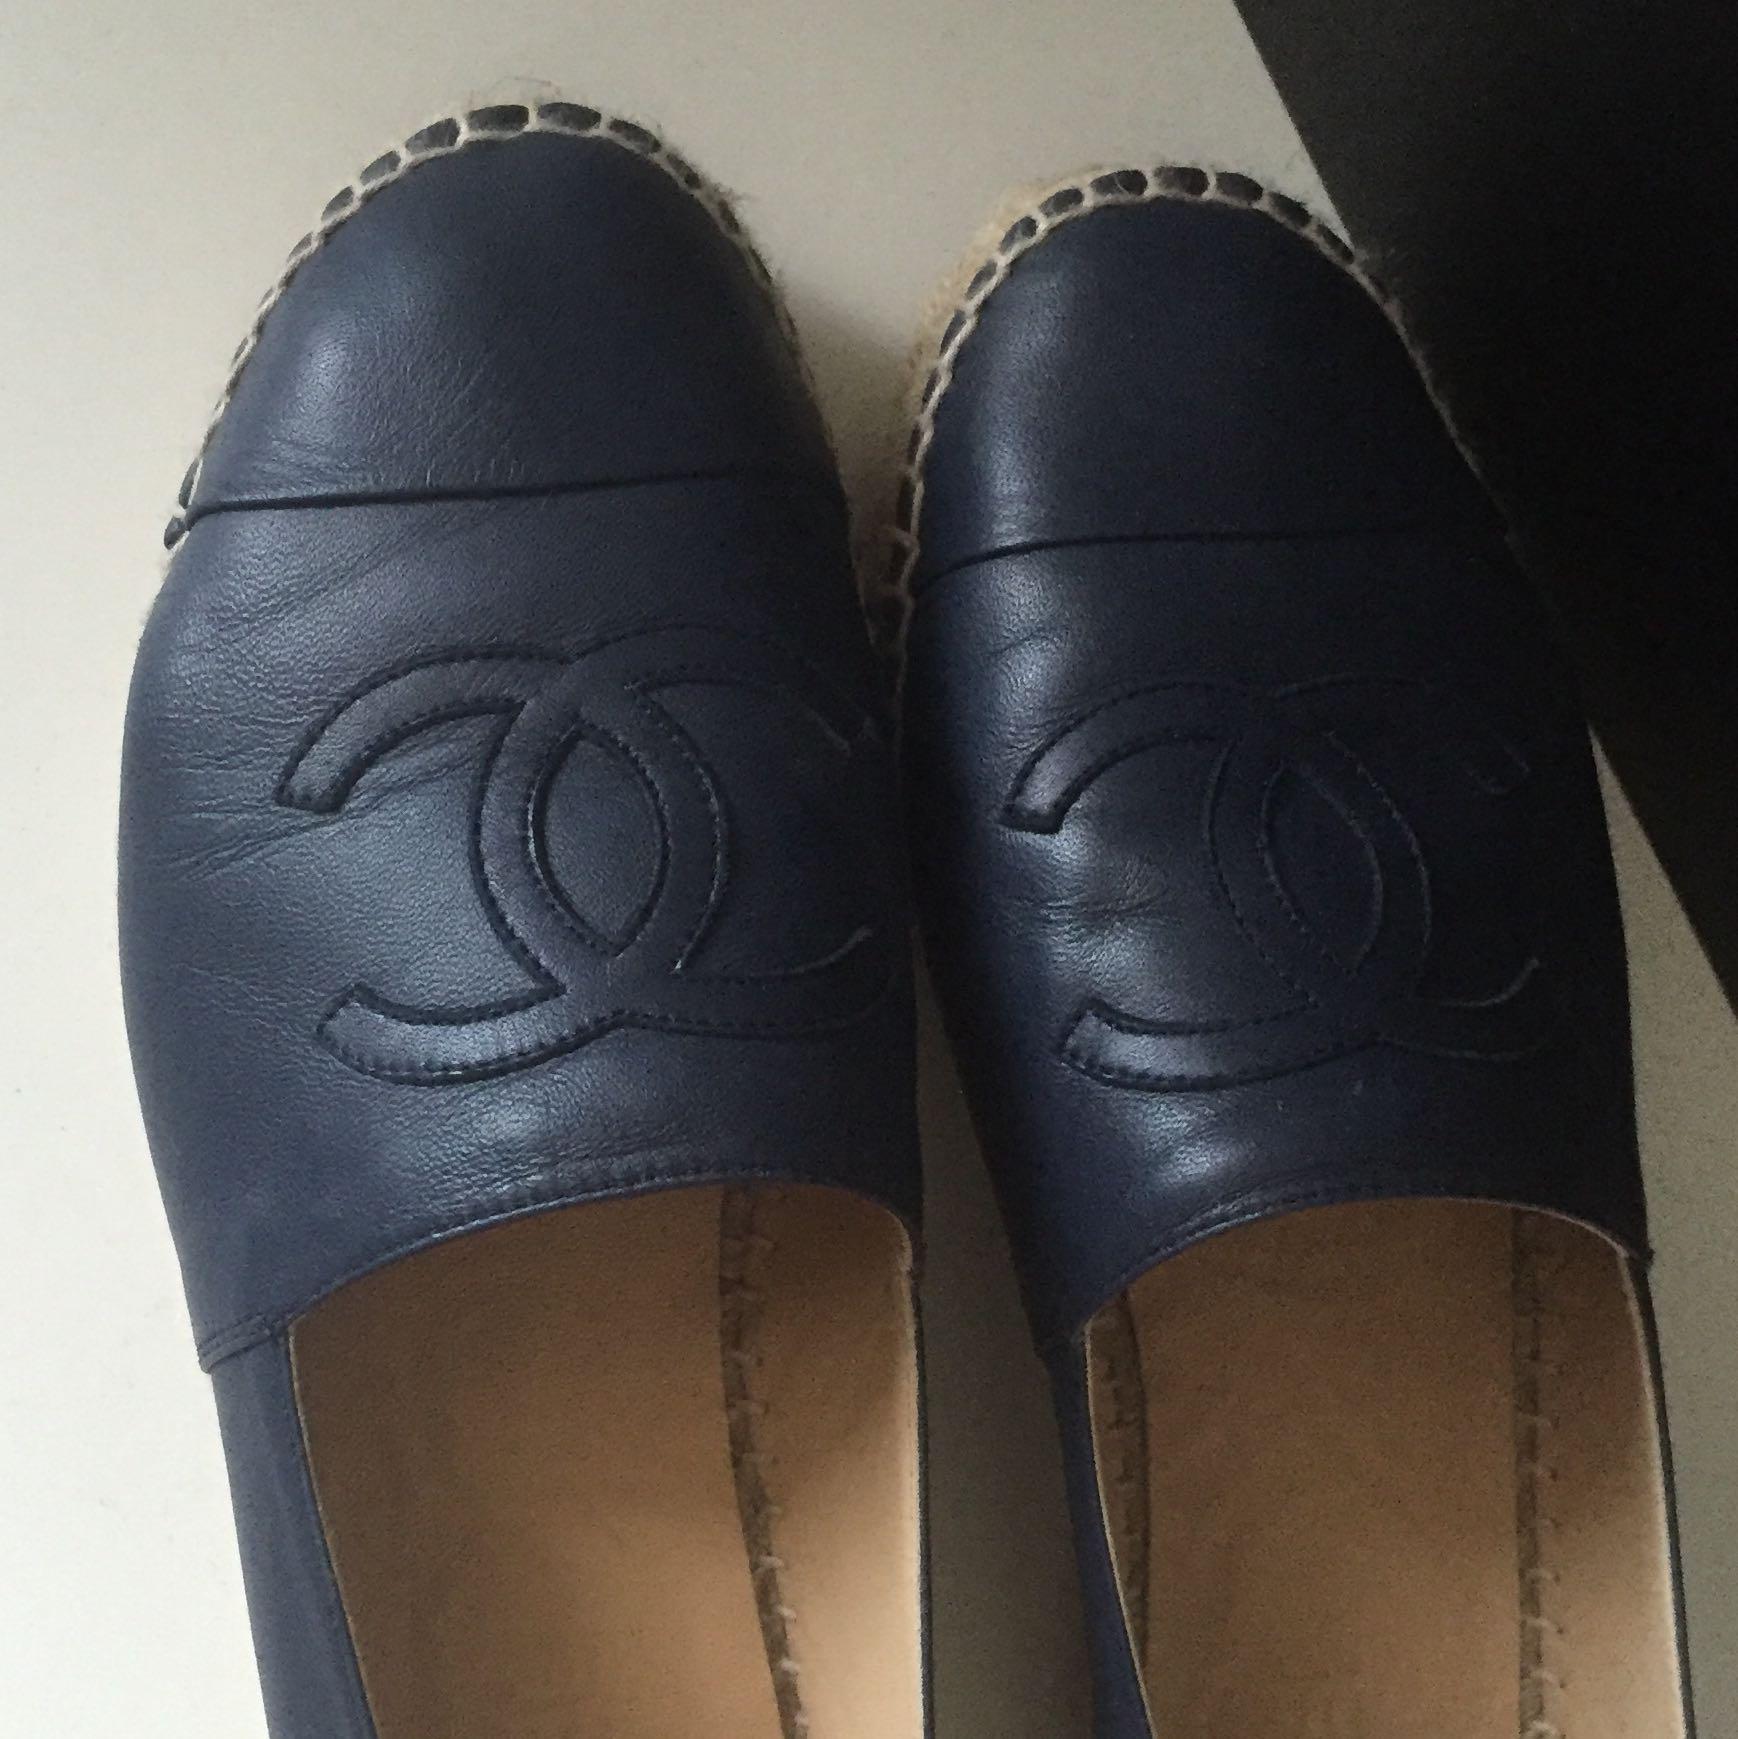 Woran erkenne ich original Chanel Schuhe? (schwarz